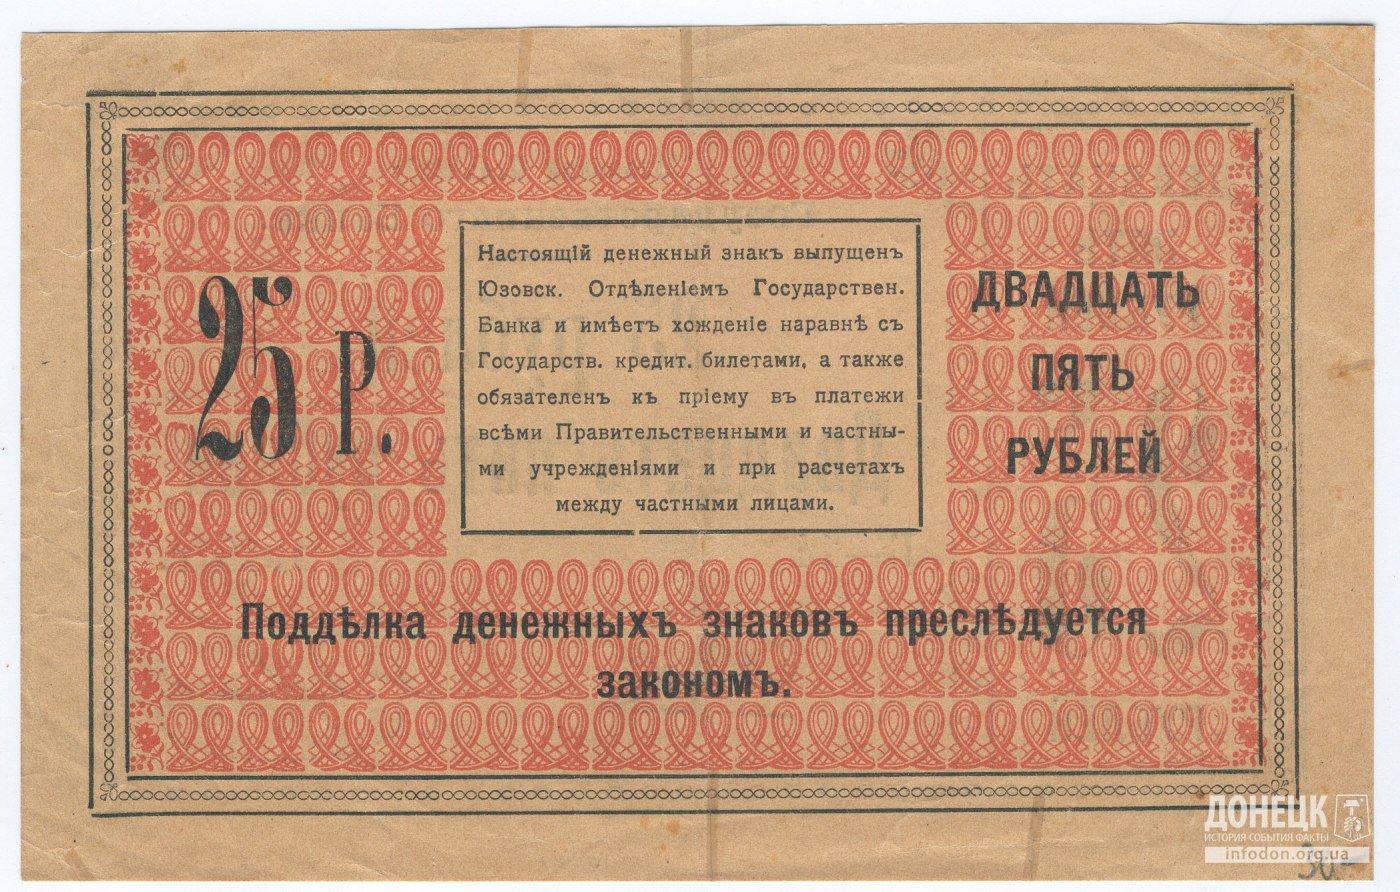 Купюра в 5 рублей, выпущенная Юзовским отделением Государственного банка в 1918 году. Реверс